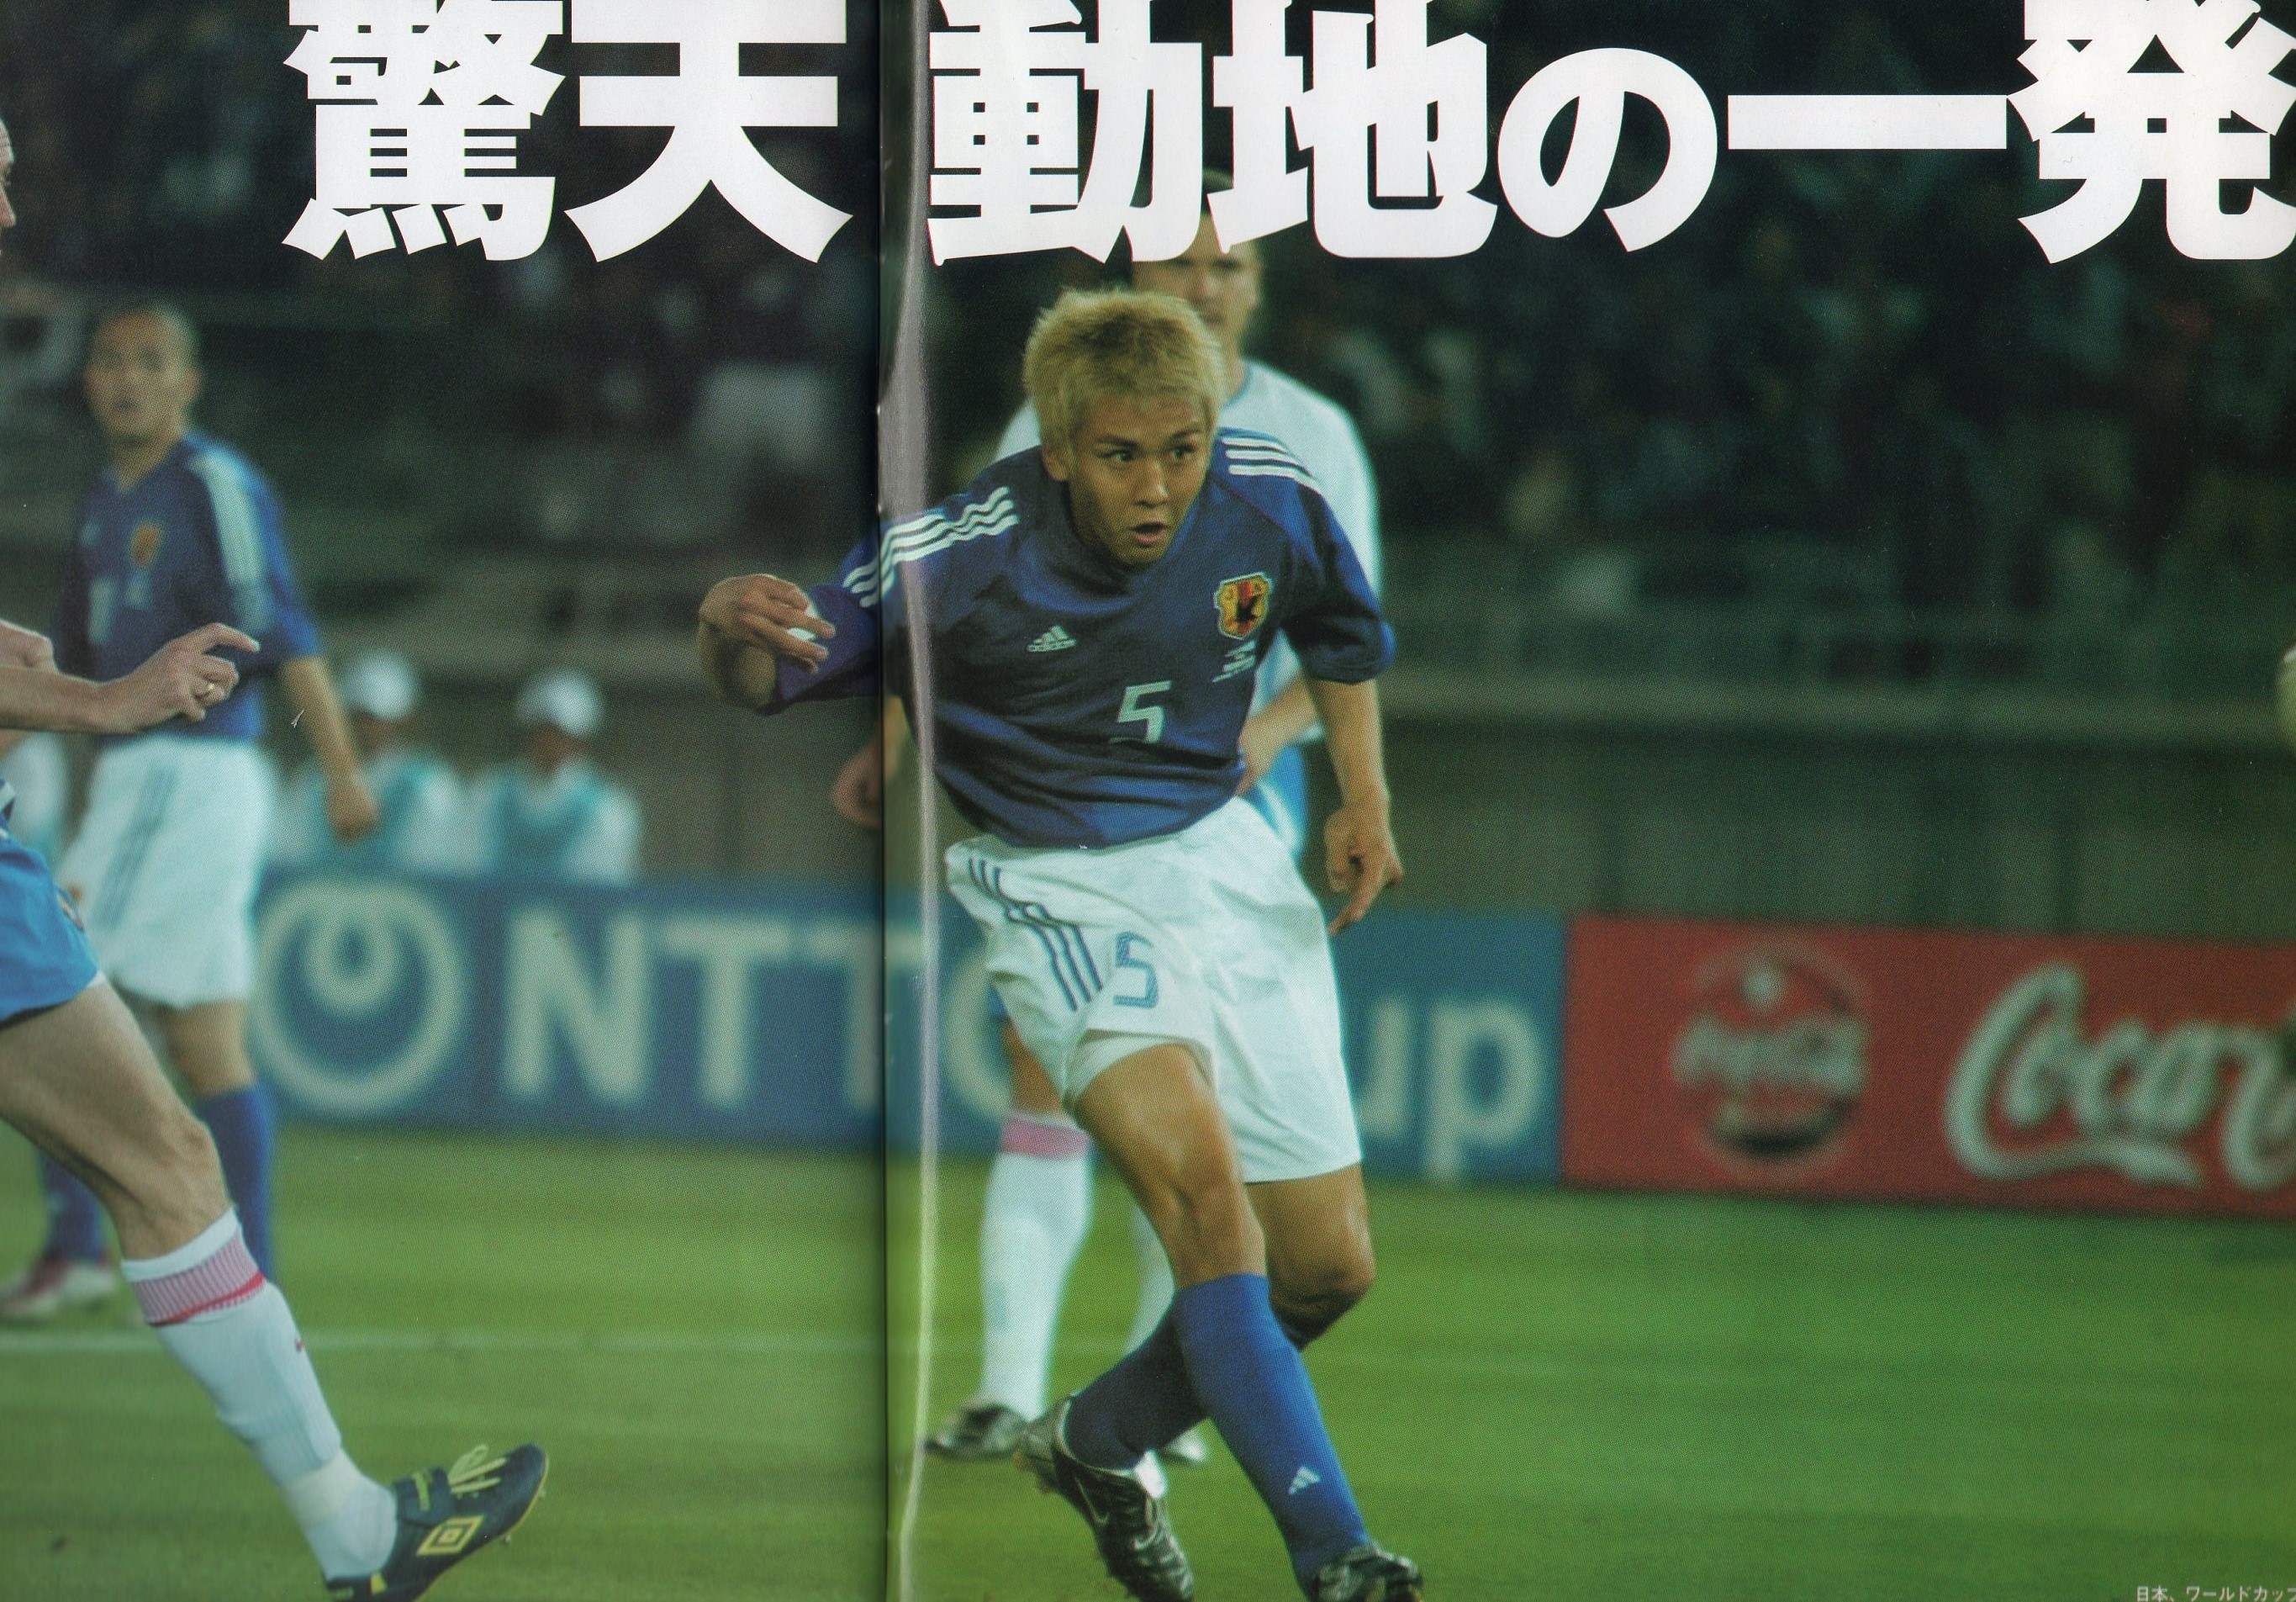 inamoto goal